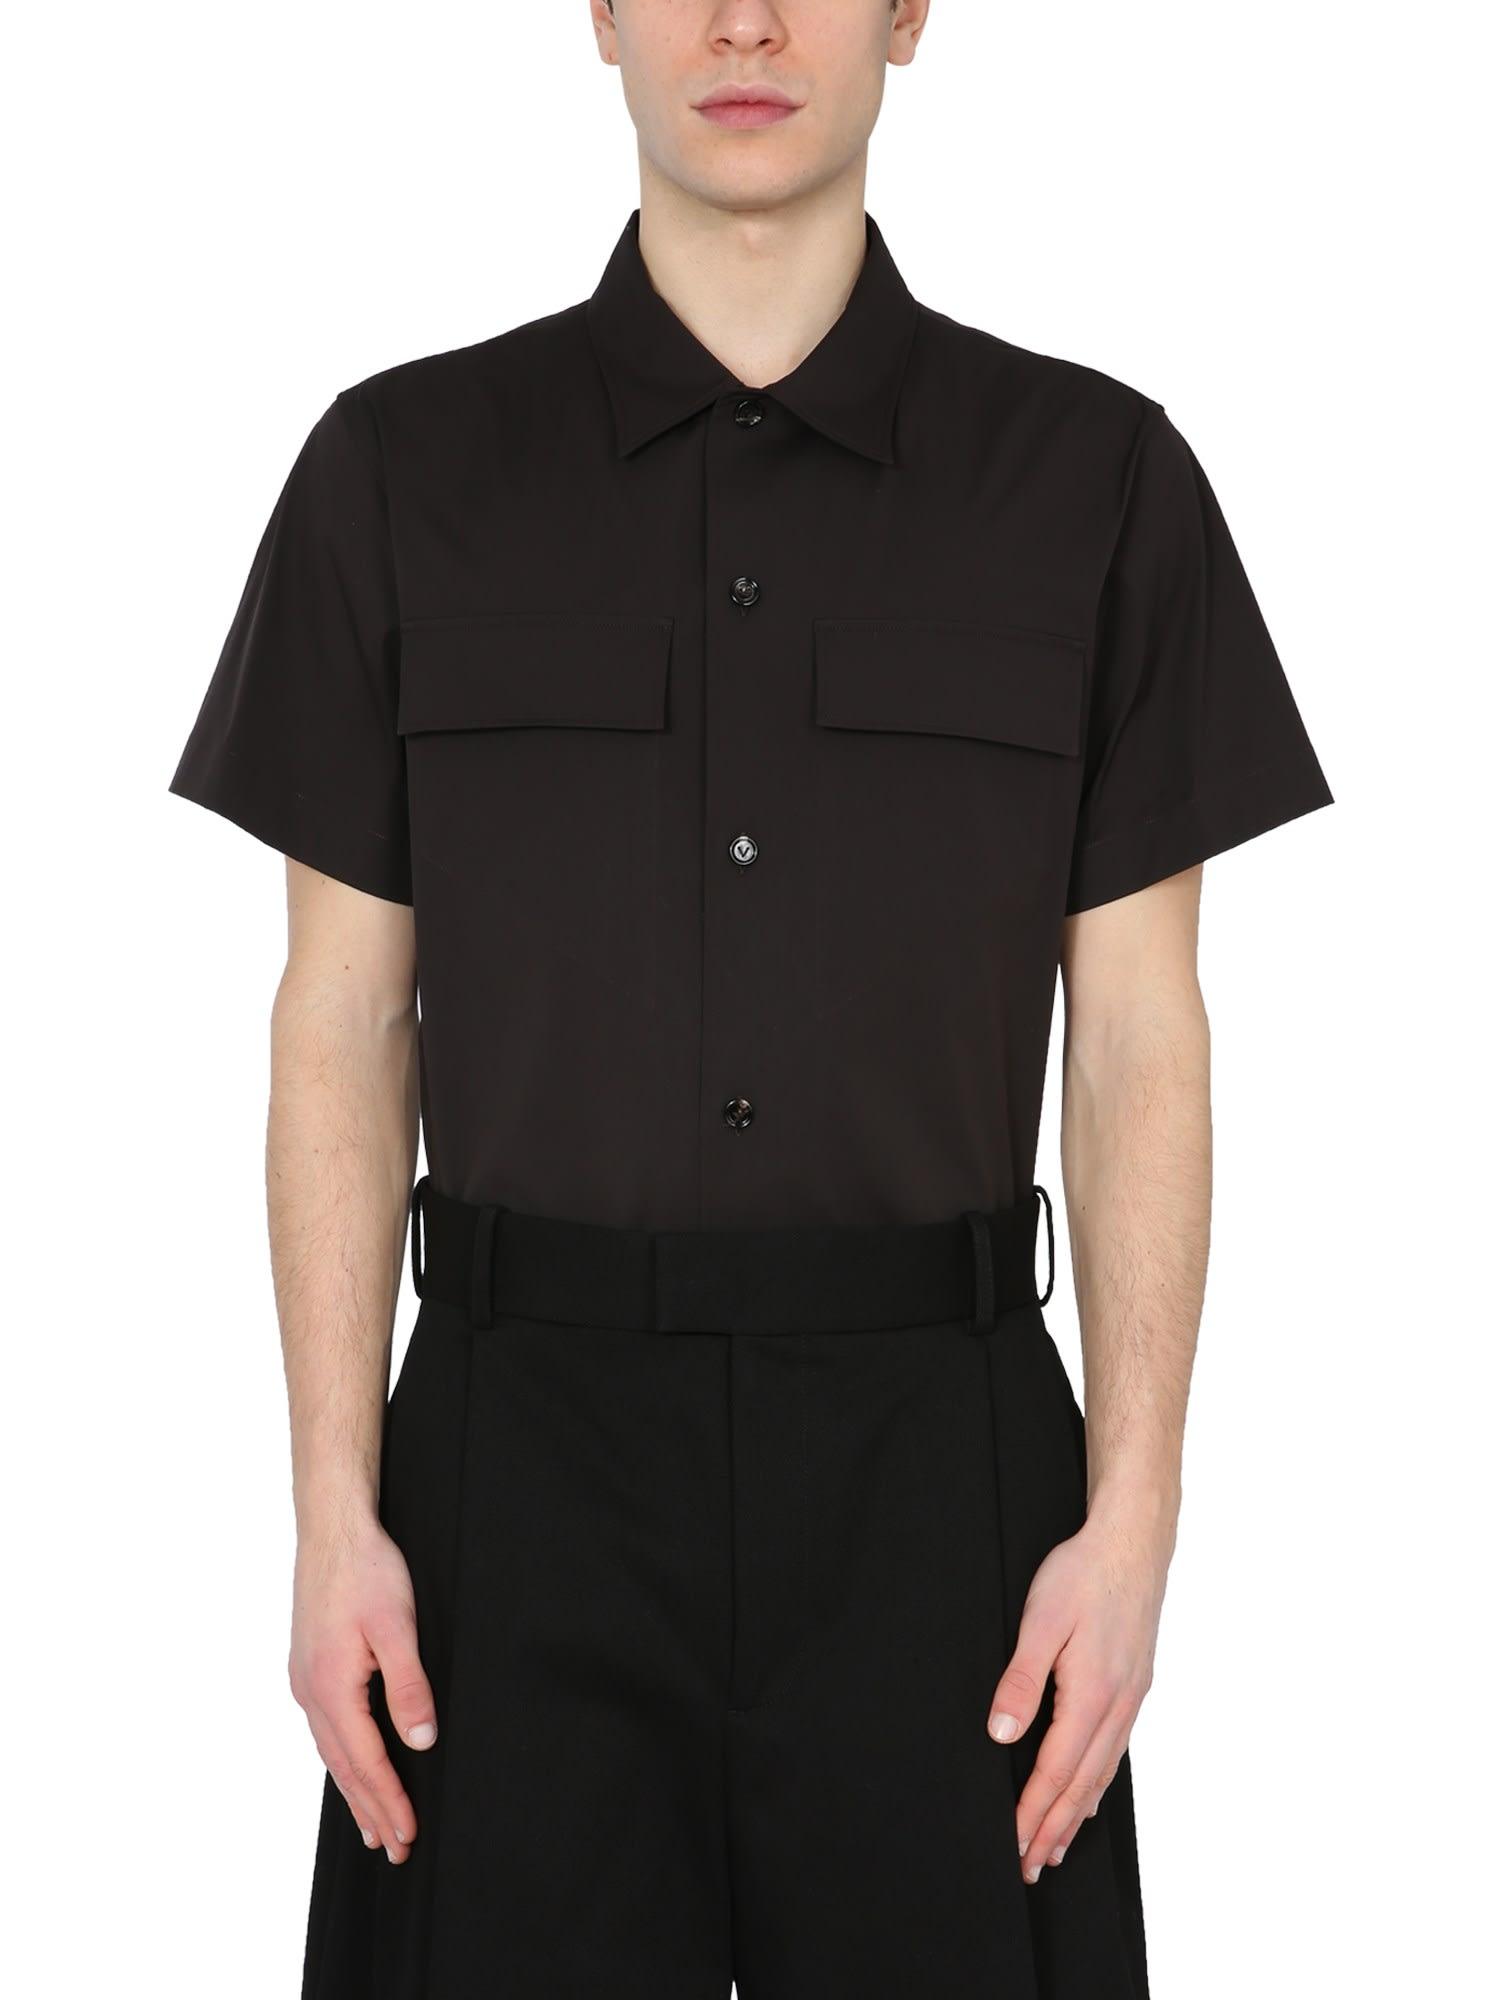 Bottega Veneta Military Shirt